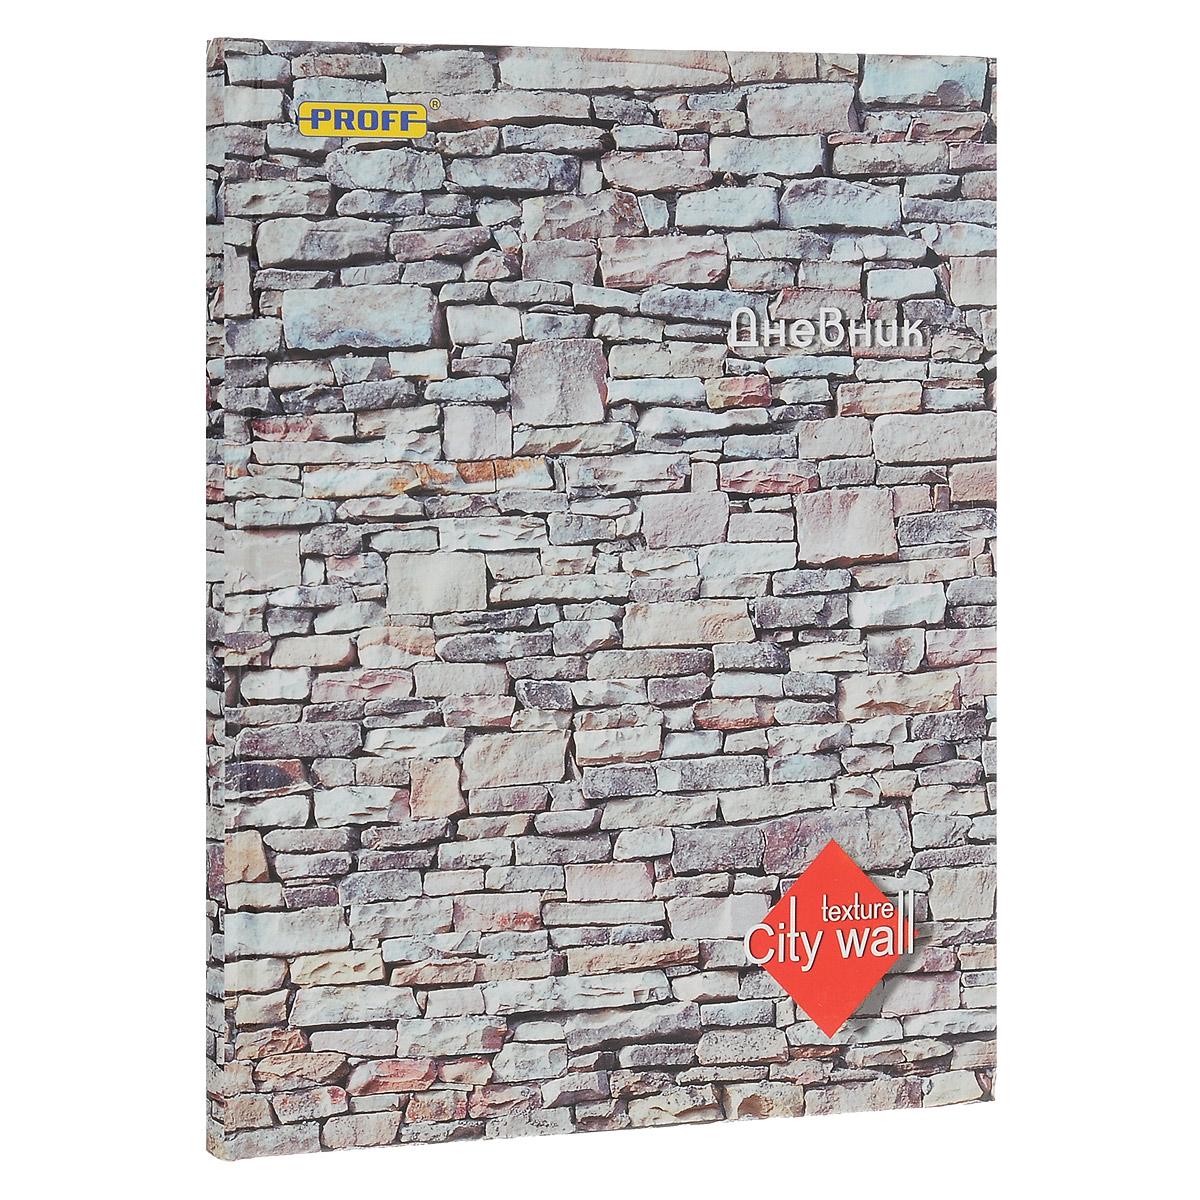 Дневник школьный Proff Стена, цвет: серый. 187187Школьный дневник Proff Стена - первый ежедневник вашего ребенка. Он поможет ему не забыть свои задания, а вы всегда сможете проконтролировать его успеваемость. Внутренний блок дневника состоит из 48 листов цветной бумаги. Обложка в твердом переплете из глянцевого картона. В структуру дневника входят все необходимые разделы: информация о личных данных ученика, расписание уроков по четвертям, сведения о преподавателях и дополнительных занятиях. Дневник содержит номера телефонов экстренной помощи и даты праздничных дней. В конце дневника имеются сведения об успеваемости с заметками классного руководителя и учителей, информация о каникулах и краткий справочник школьника по математике (формулы, таблицы, основные понятия планиметрии, тригонометрия) и основные понятия физики. Дневник Proff Стена станет надежным помощником ребенка в освоении новых знаний и украсит учебные будни.